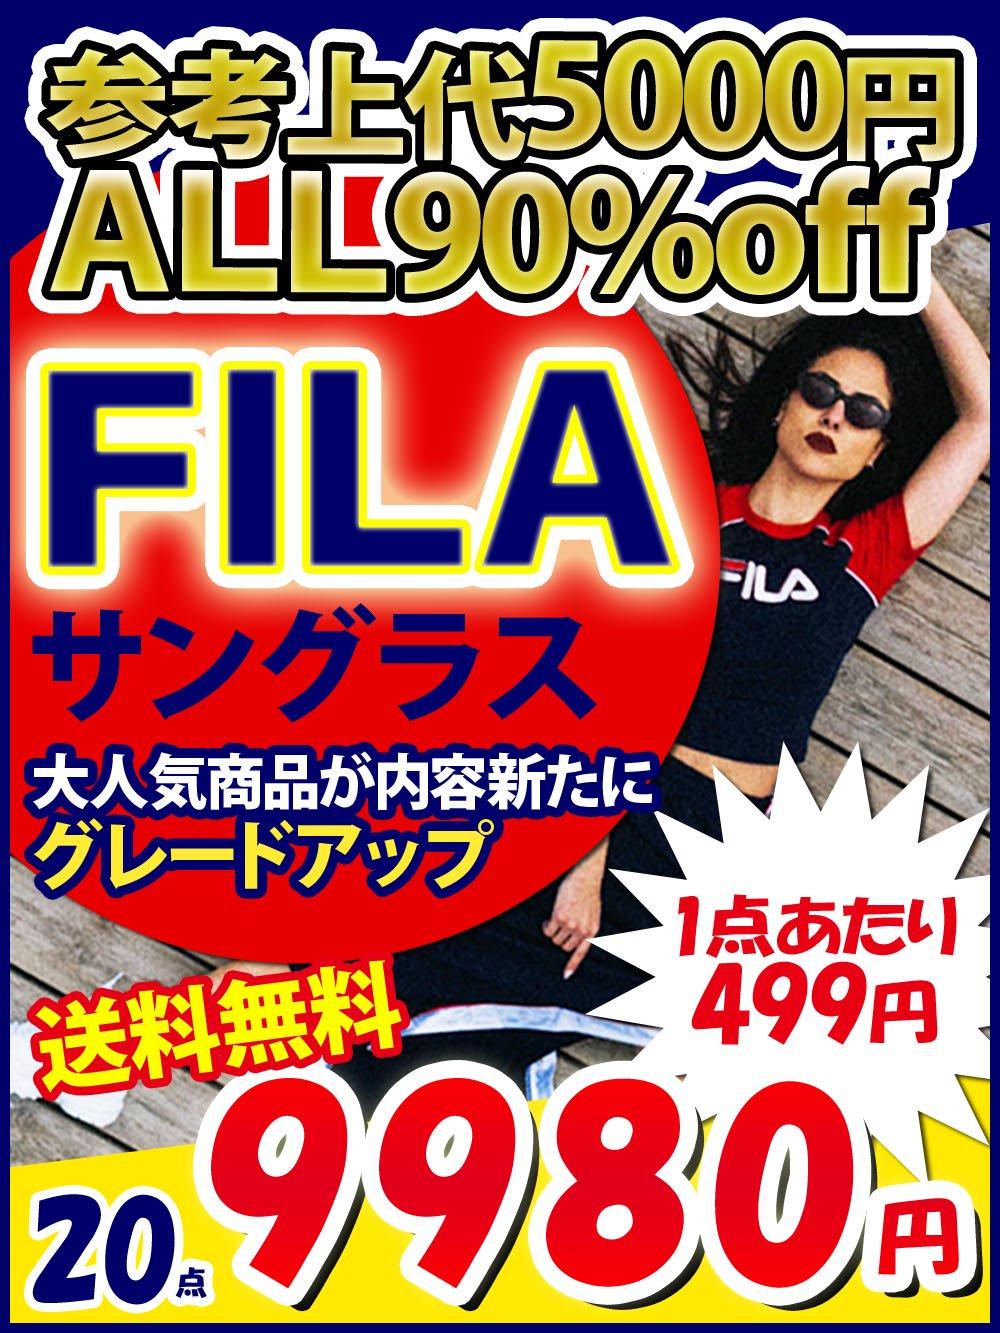 【送料無料!90%OFF】【FILA】大人気FILAサングラスアラカルト!商品内容グレードアップで緊急再販!@499【20点】